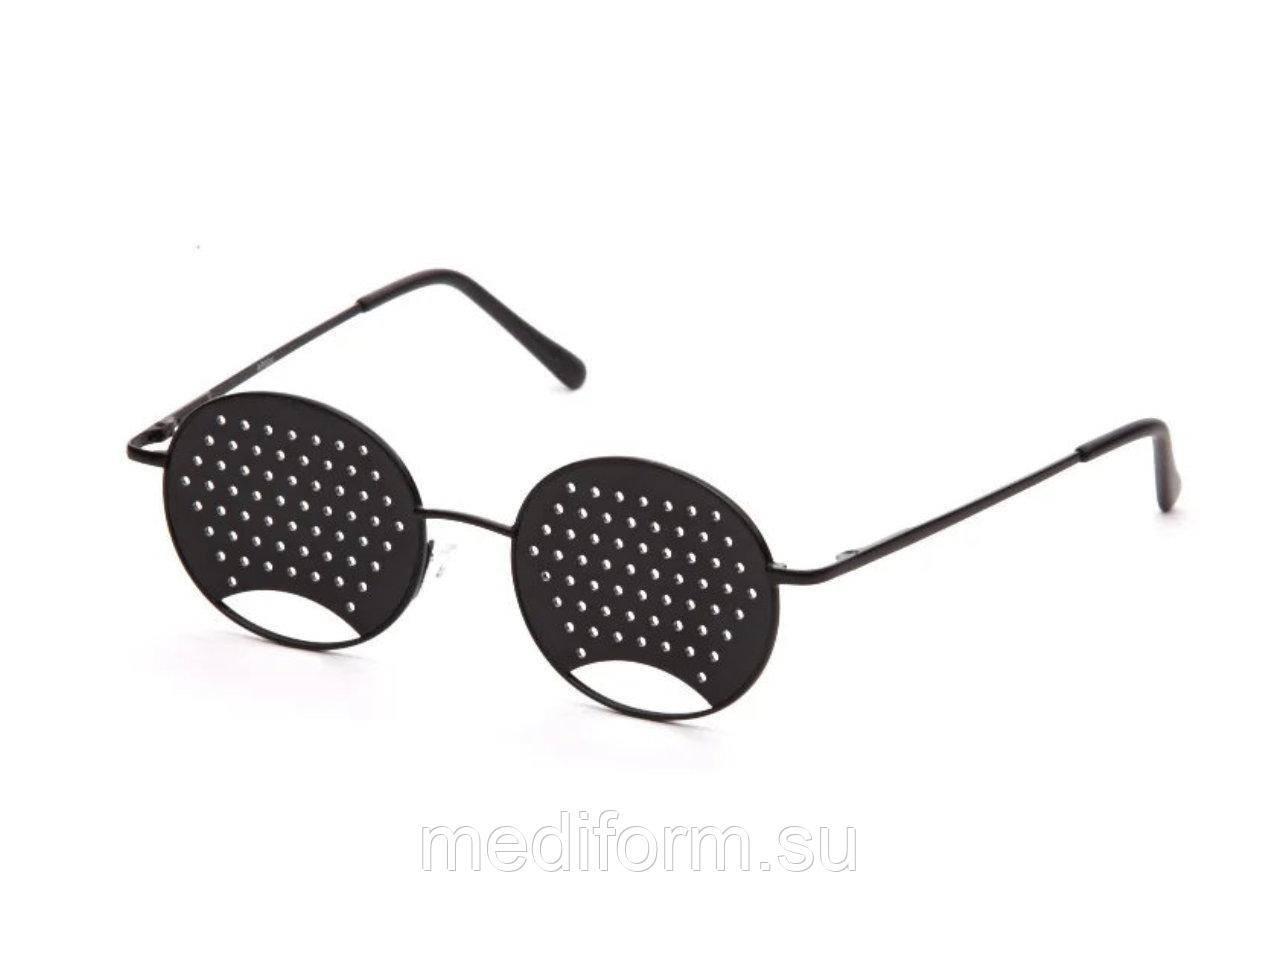 Очки с дырочками для улучшения зрения: отзывы врачей, инструкция